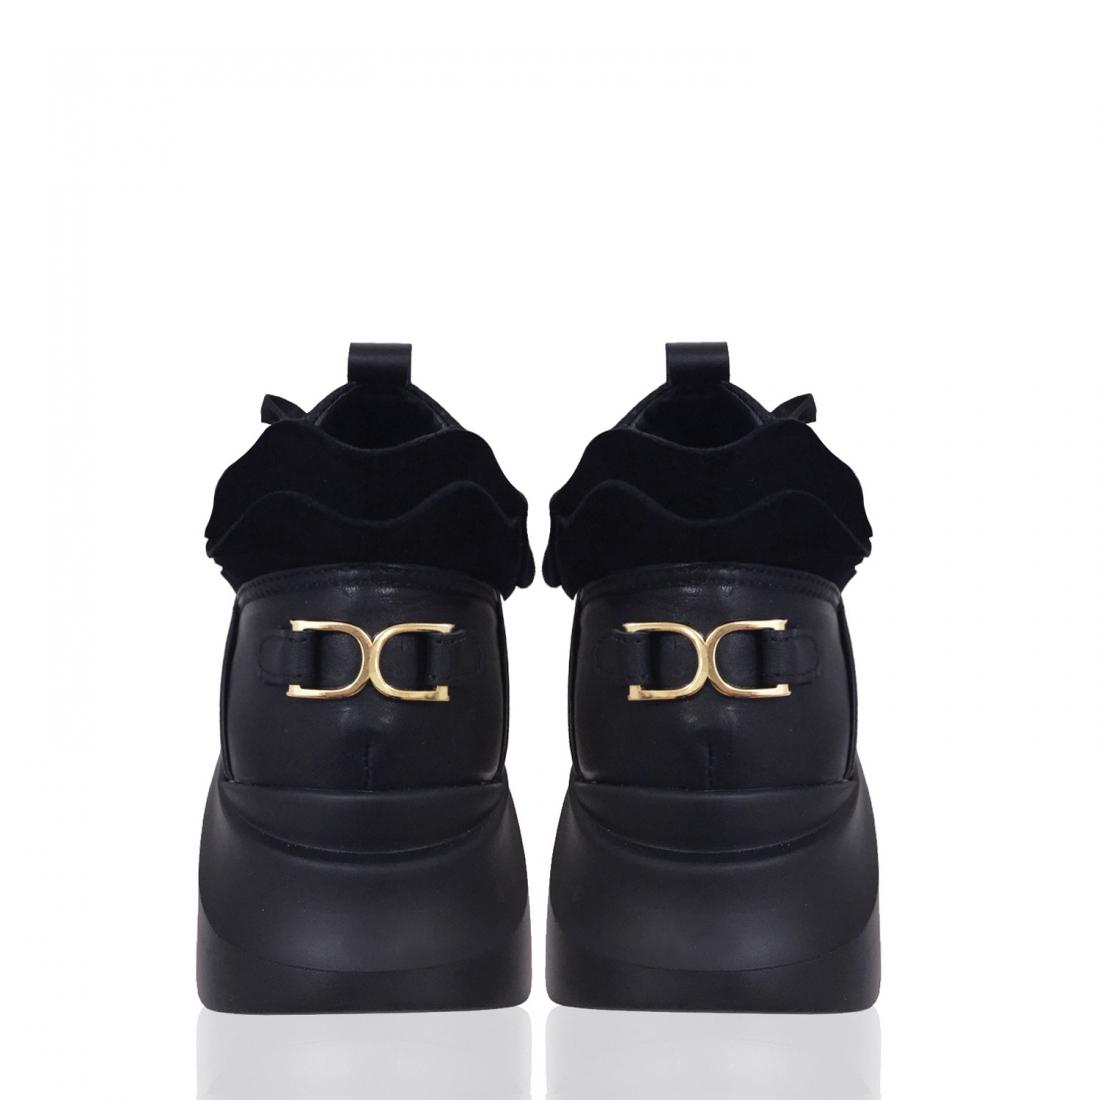 sneakers-2-black-5